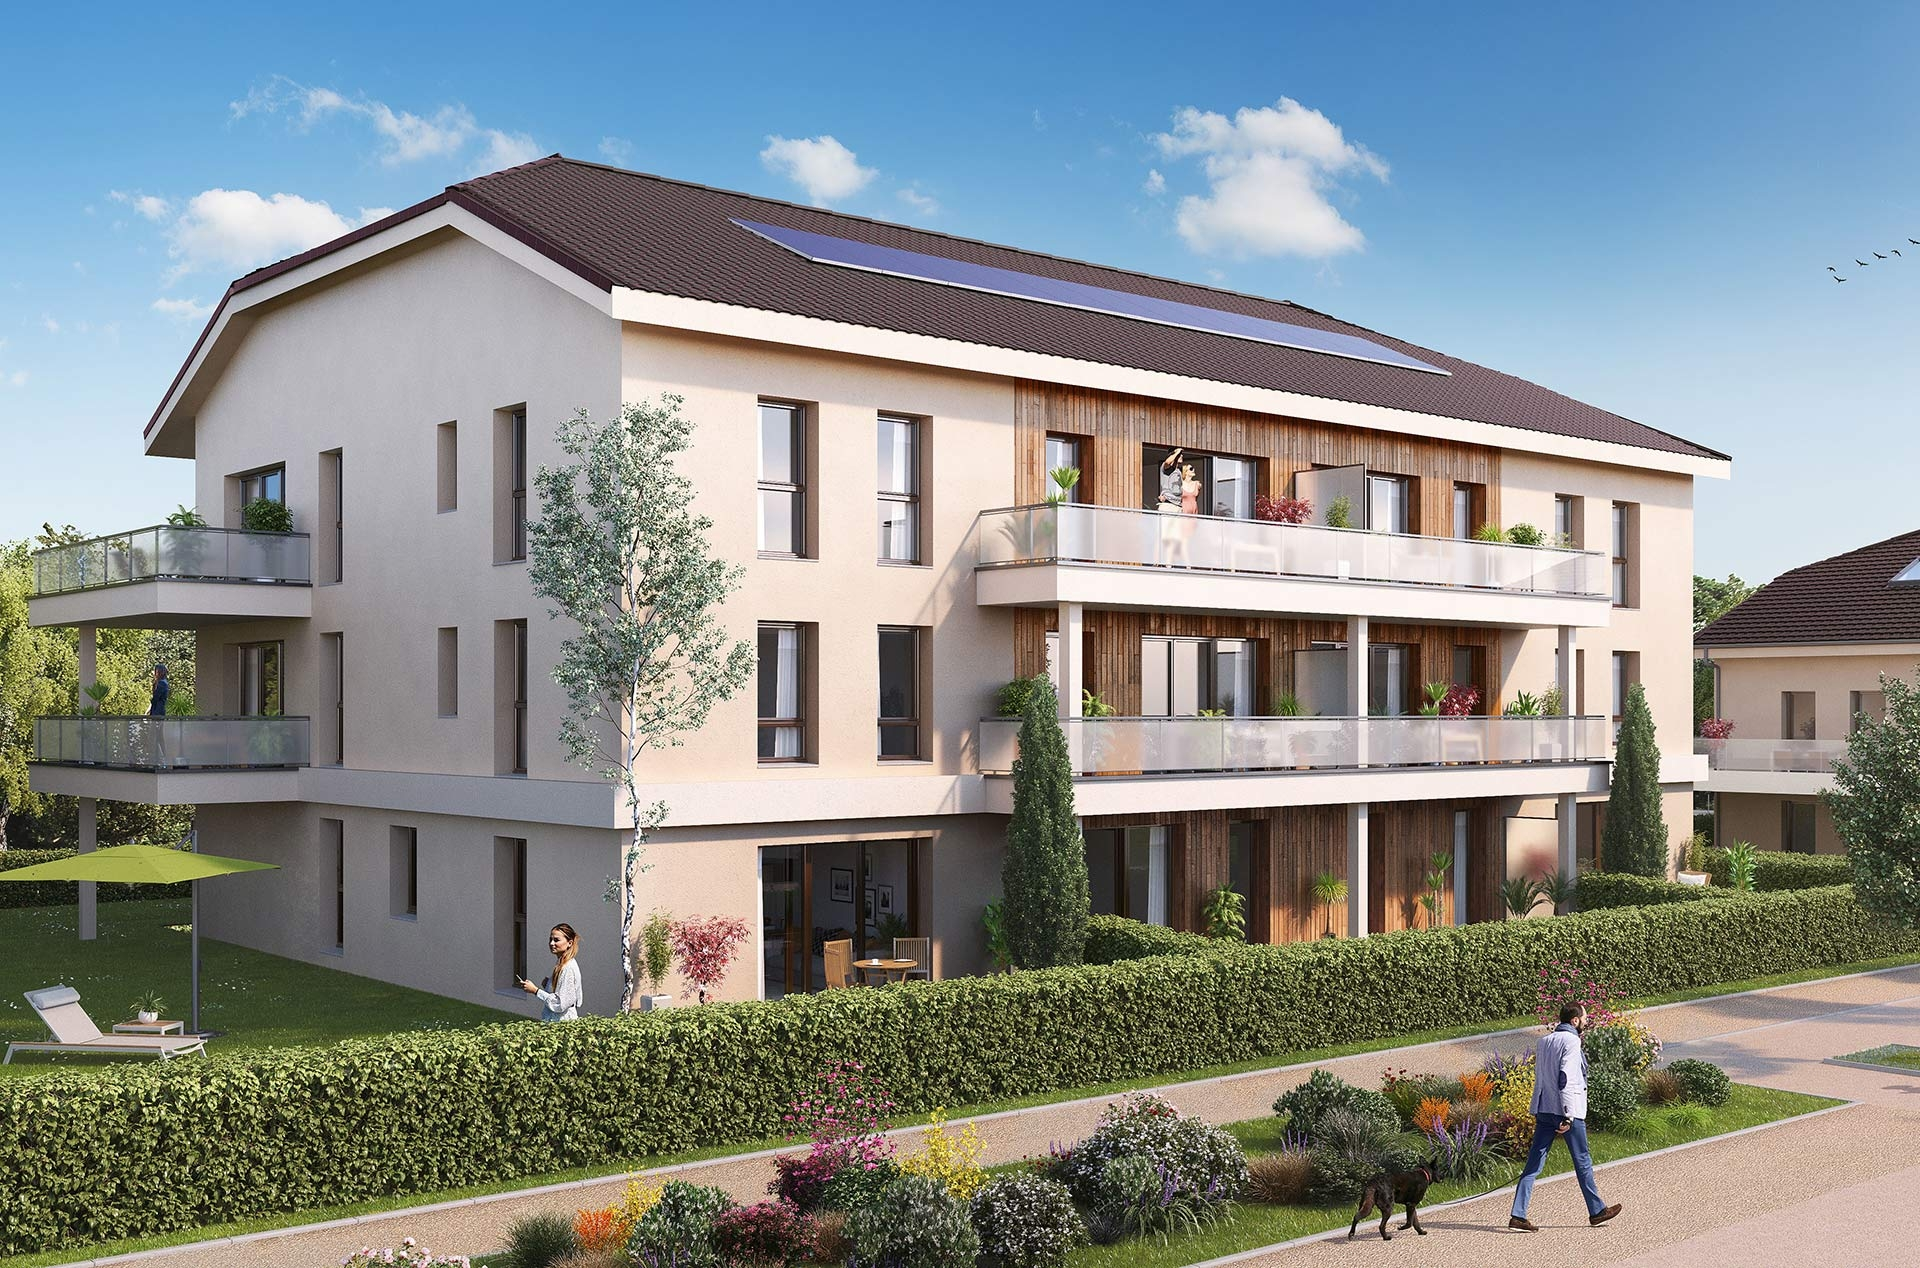 Programme immobilier EUR7 appartement à Crozet (01170) Au cœur d'un écrin de verdure